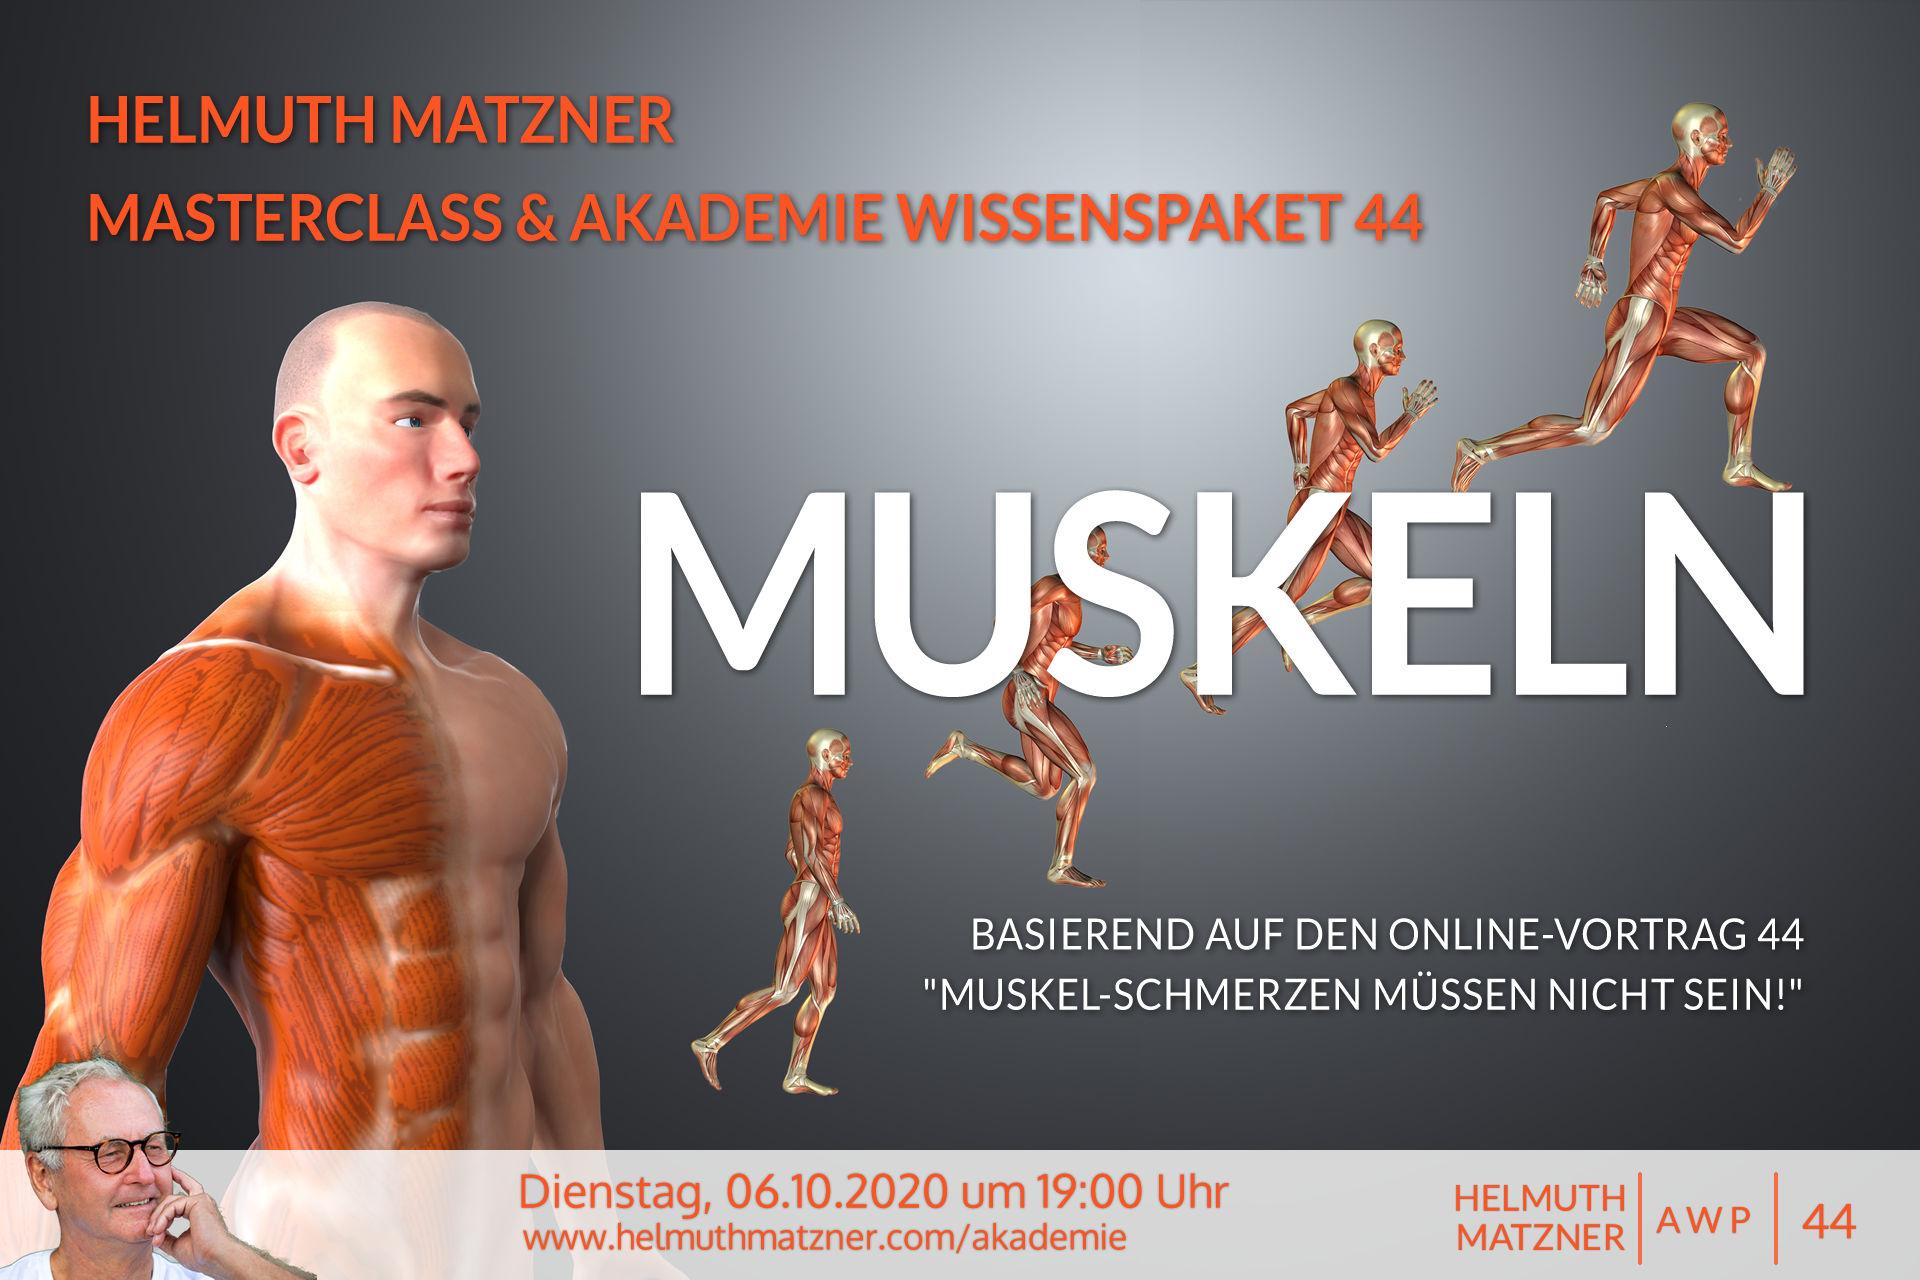 Helmuth Matzner - Masterclass & Akademie Wissenspaket 44 - Muskeln - Banner v11B2